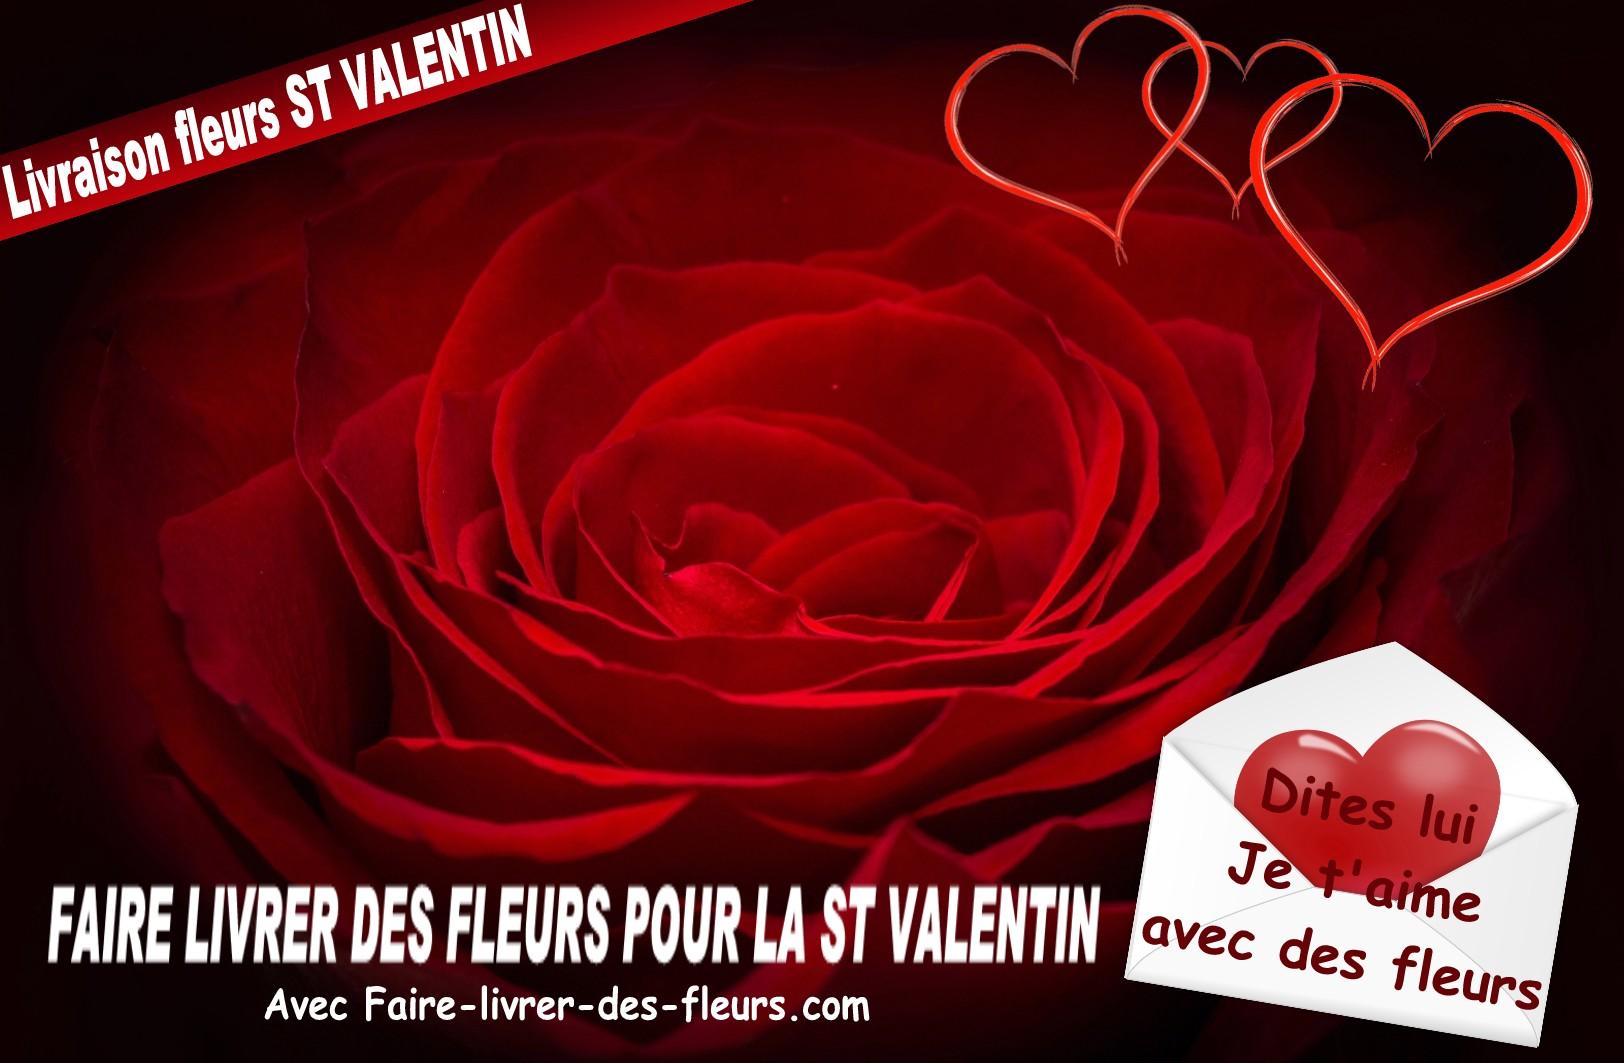 fleurs saint vanlentin - livraison fleurs saint valentin - envoi fleurs saint valentin - rose rouge pour la saint valentin